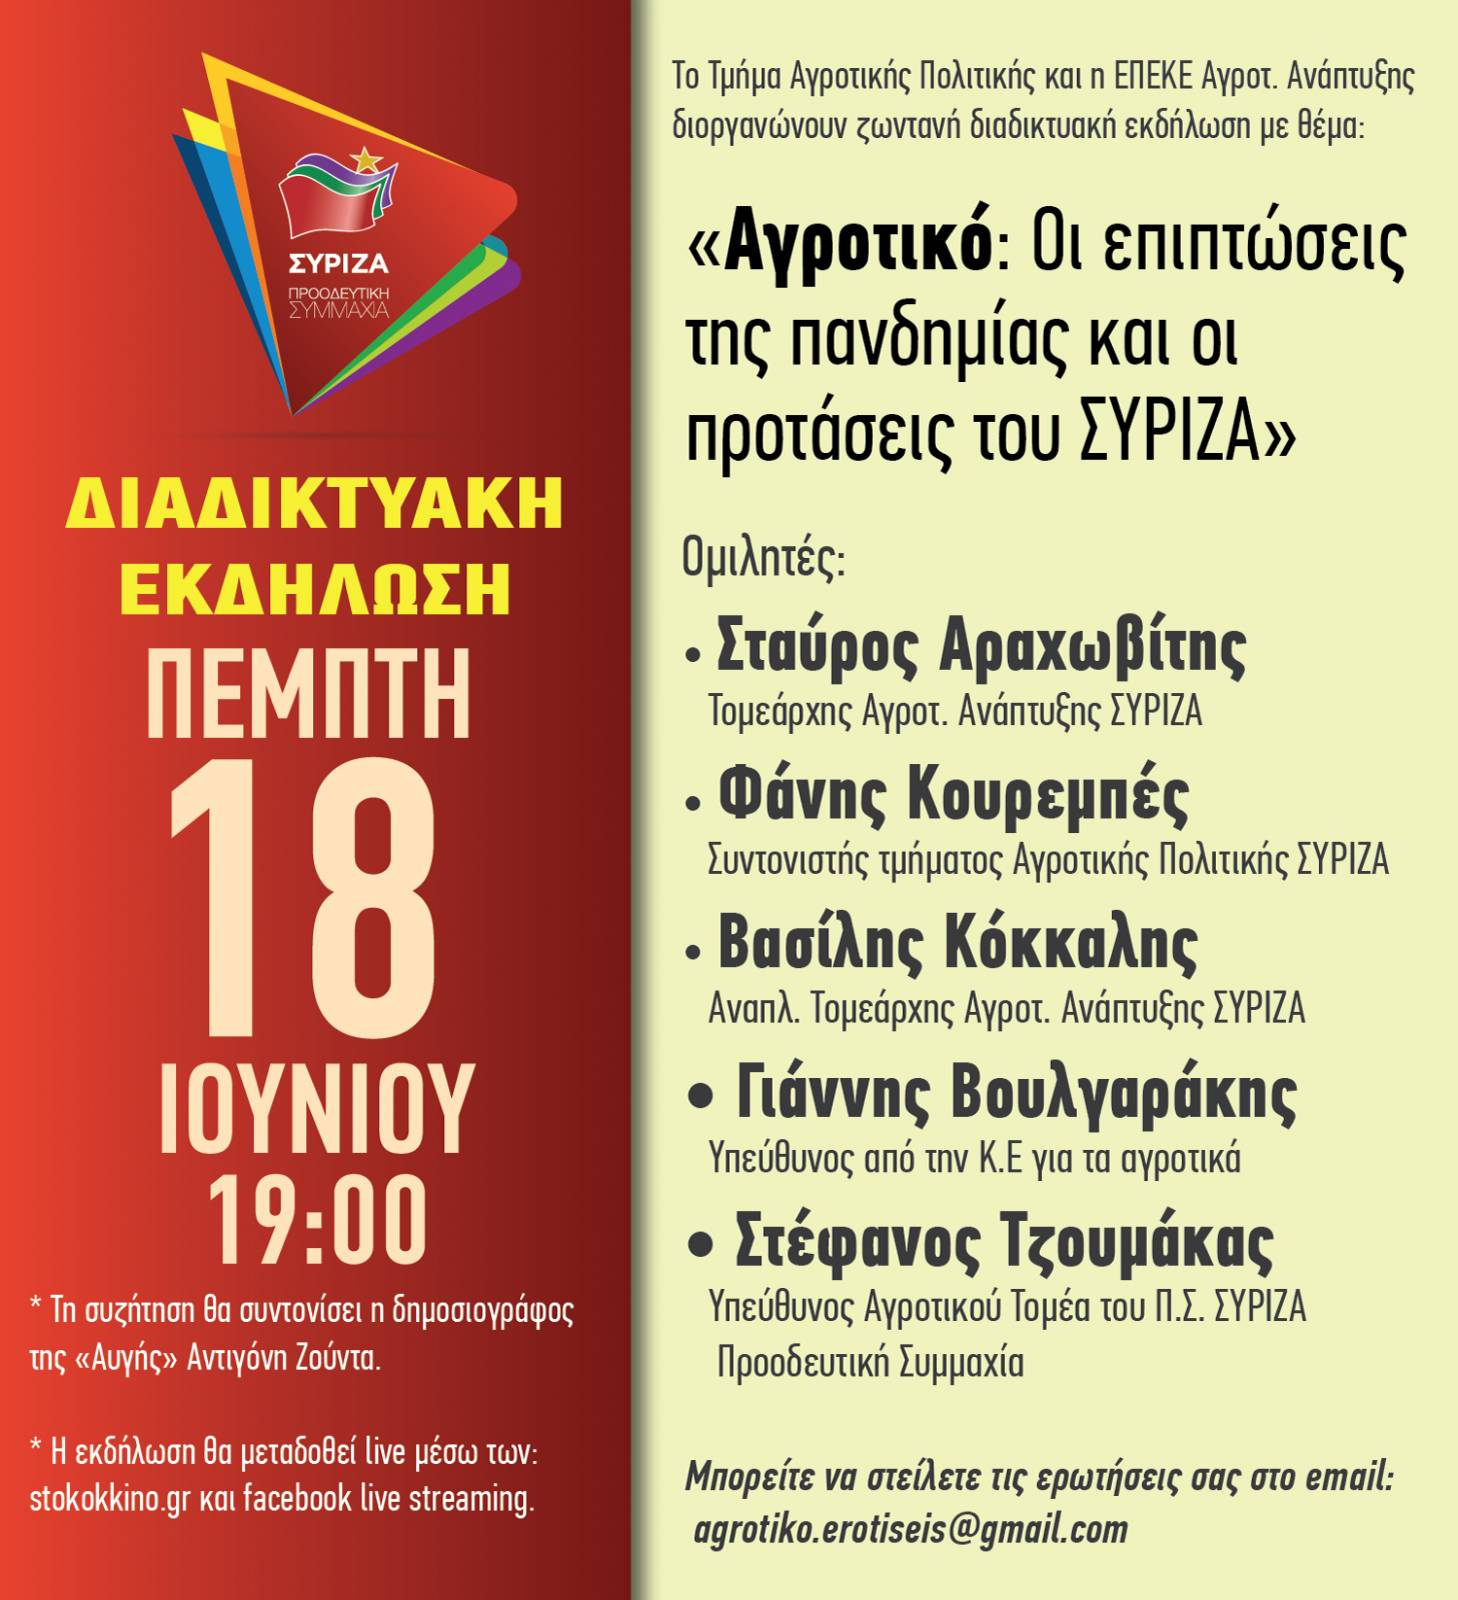 Διαδικτυακή εκδήλωση του Τμήματος Αγροτικής Πολιτικής ΣΥΡΙΖΑ την Πέμπτη 17 Ιουνίου